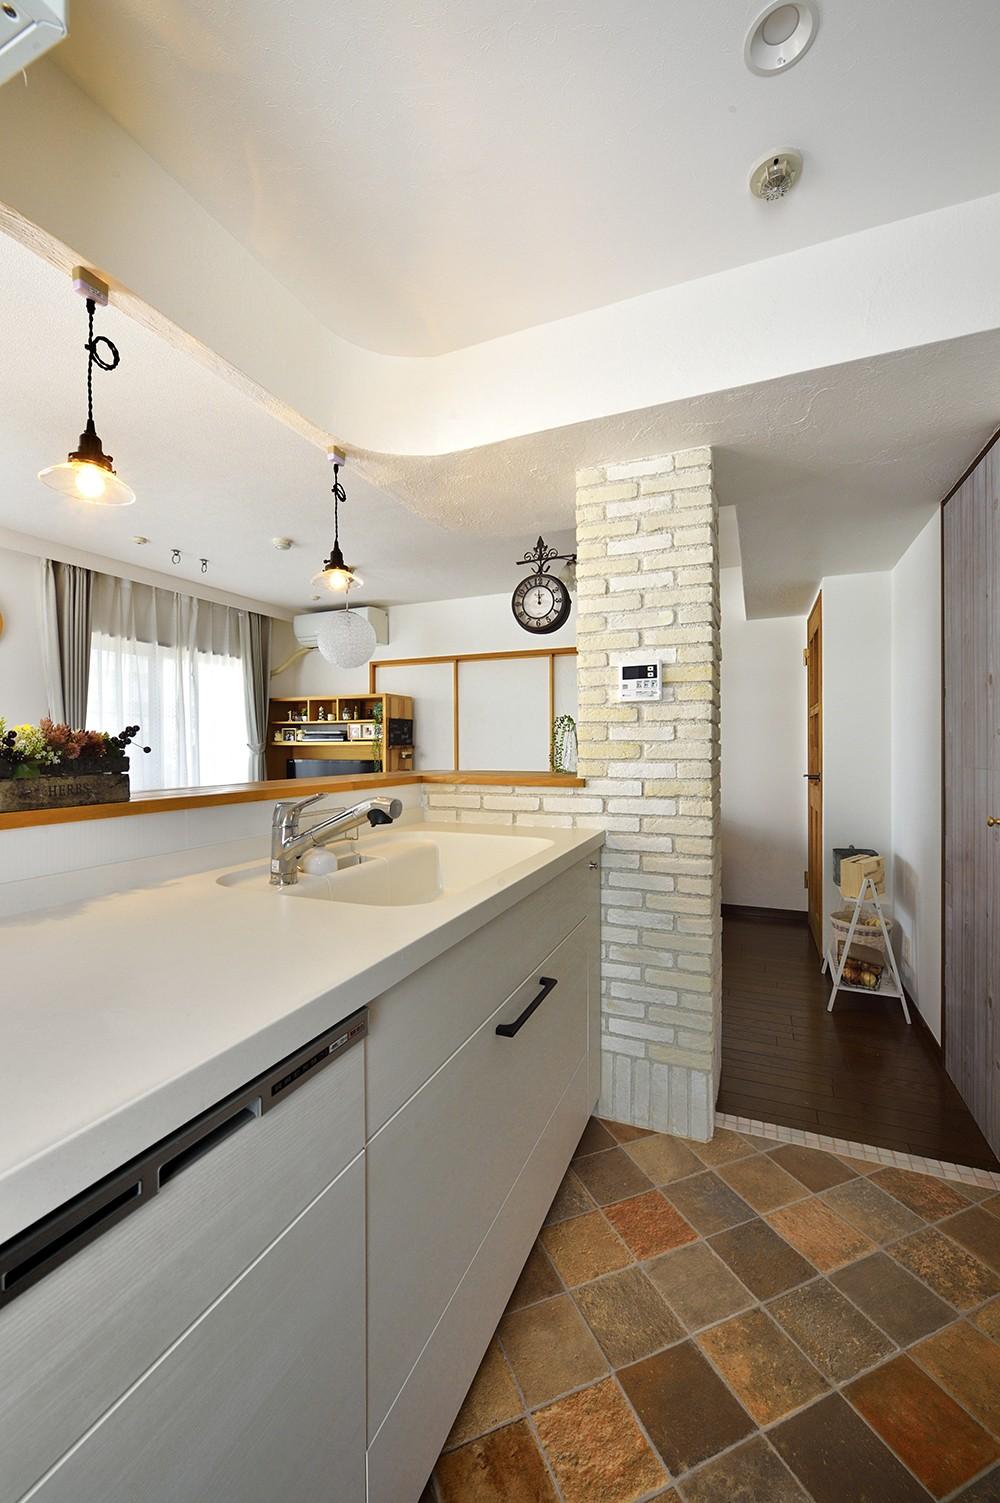 キッチン事例:視界が広いキッチンへ(変えられない構造を活かす フレンチスタイルキッチンへ)